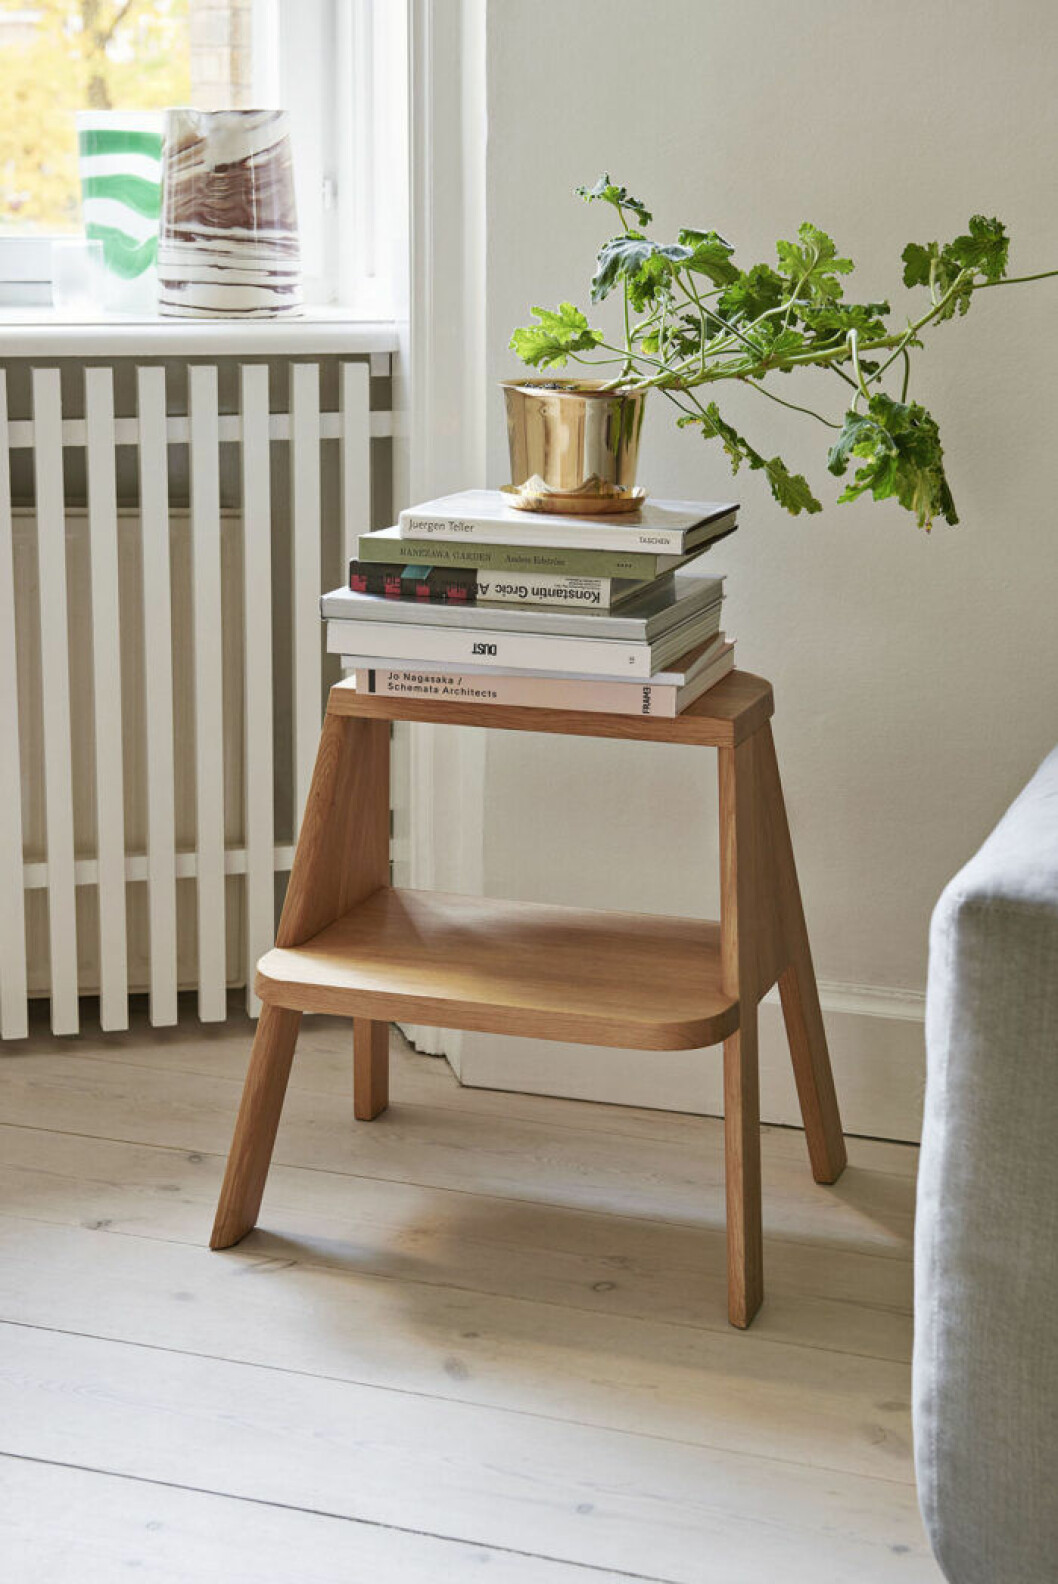 En pall är den perfekta compact-livingmöbeln, med många möjliga funktioner